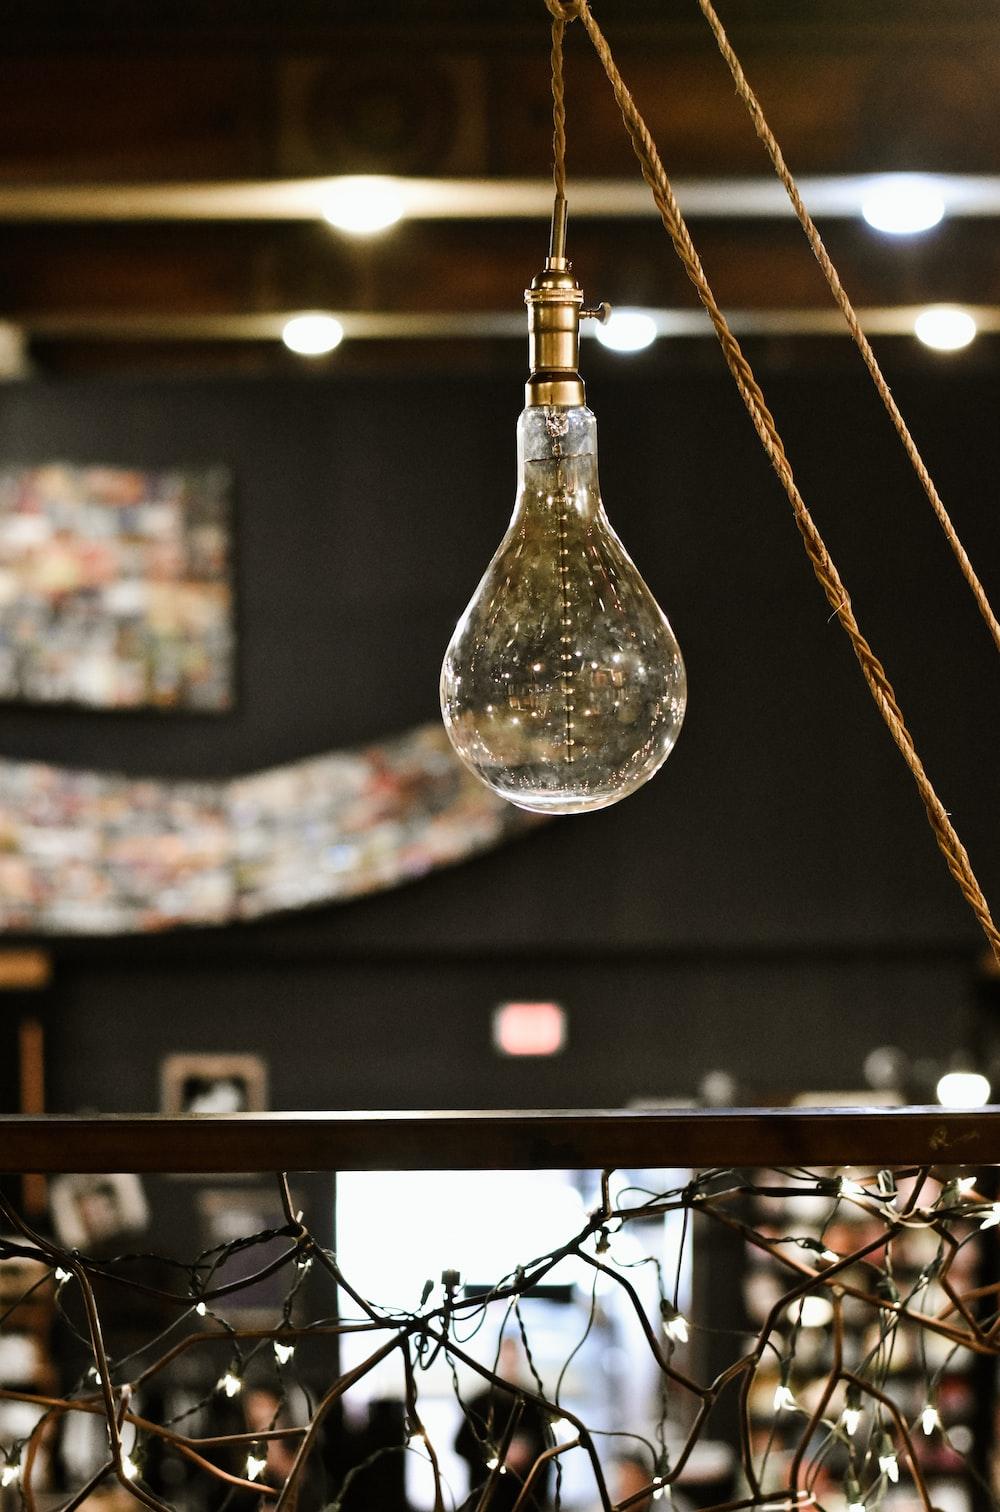 clear light bulb near near string lights